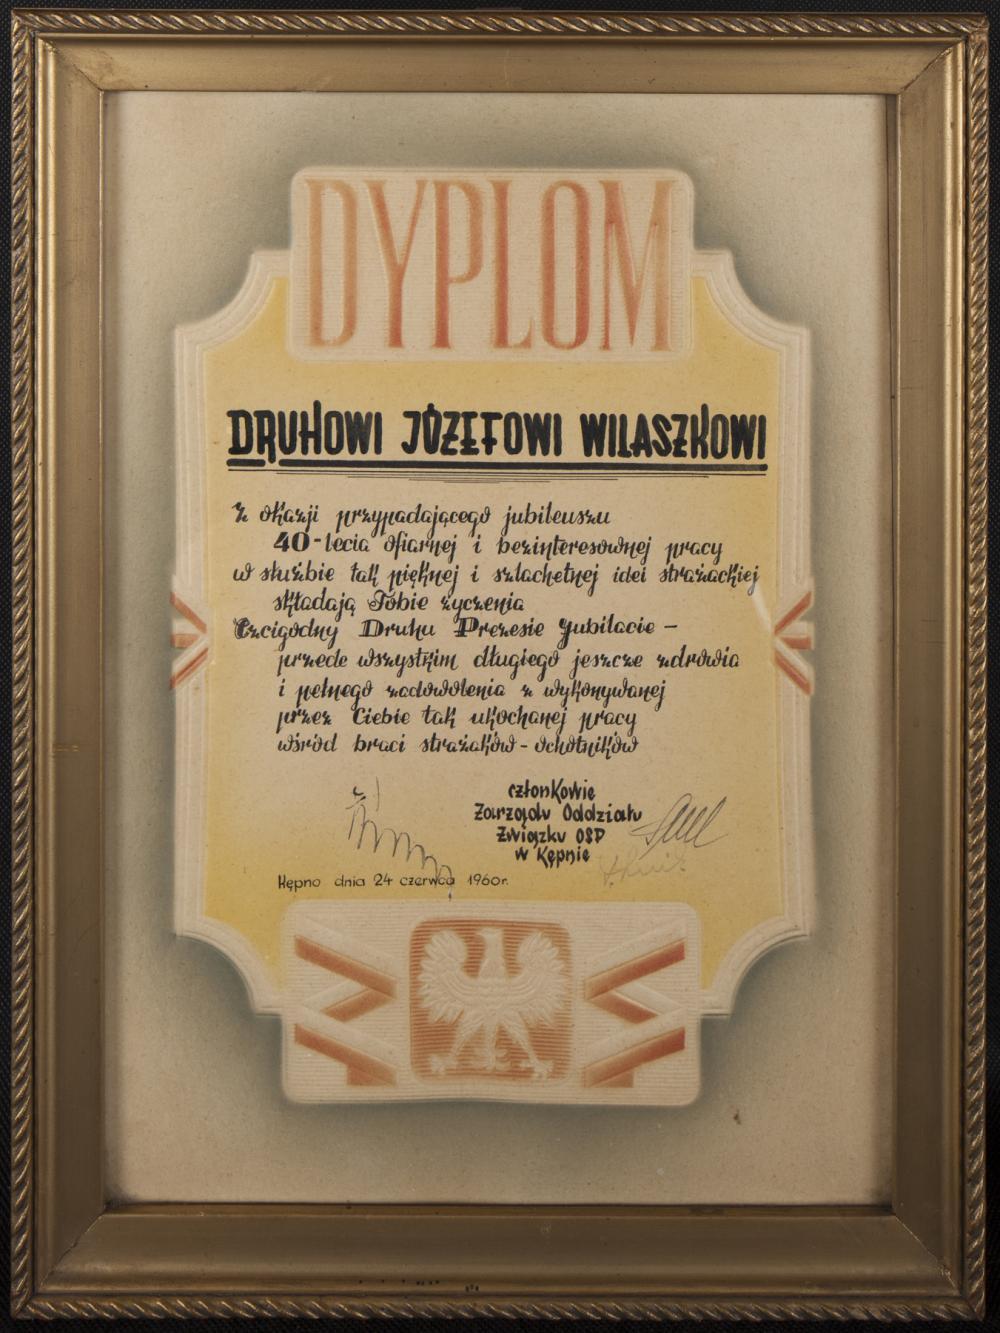 Dyplom dla Józefa Wilaszka z okazji 40-lecia członkowstwa w OSP w Kępnie